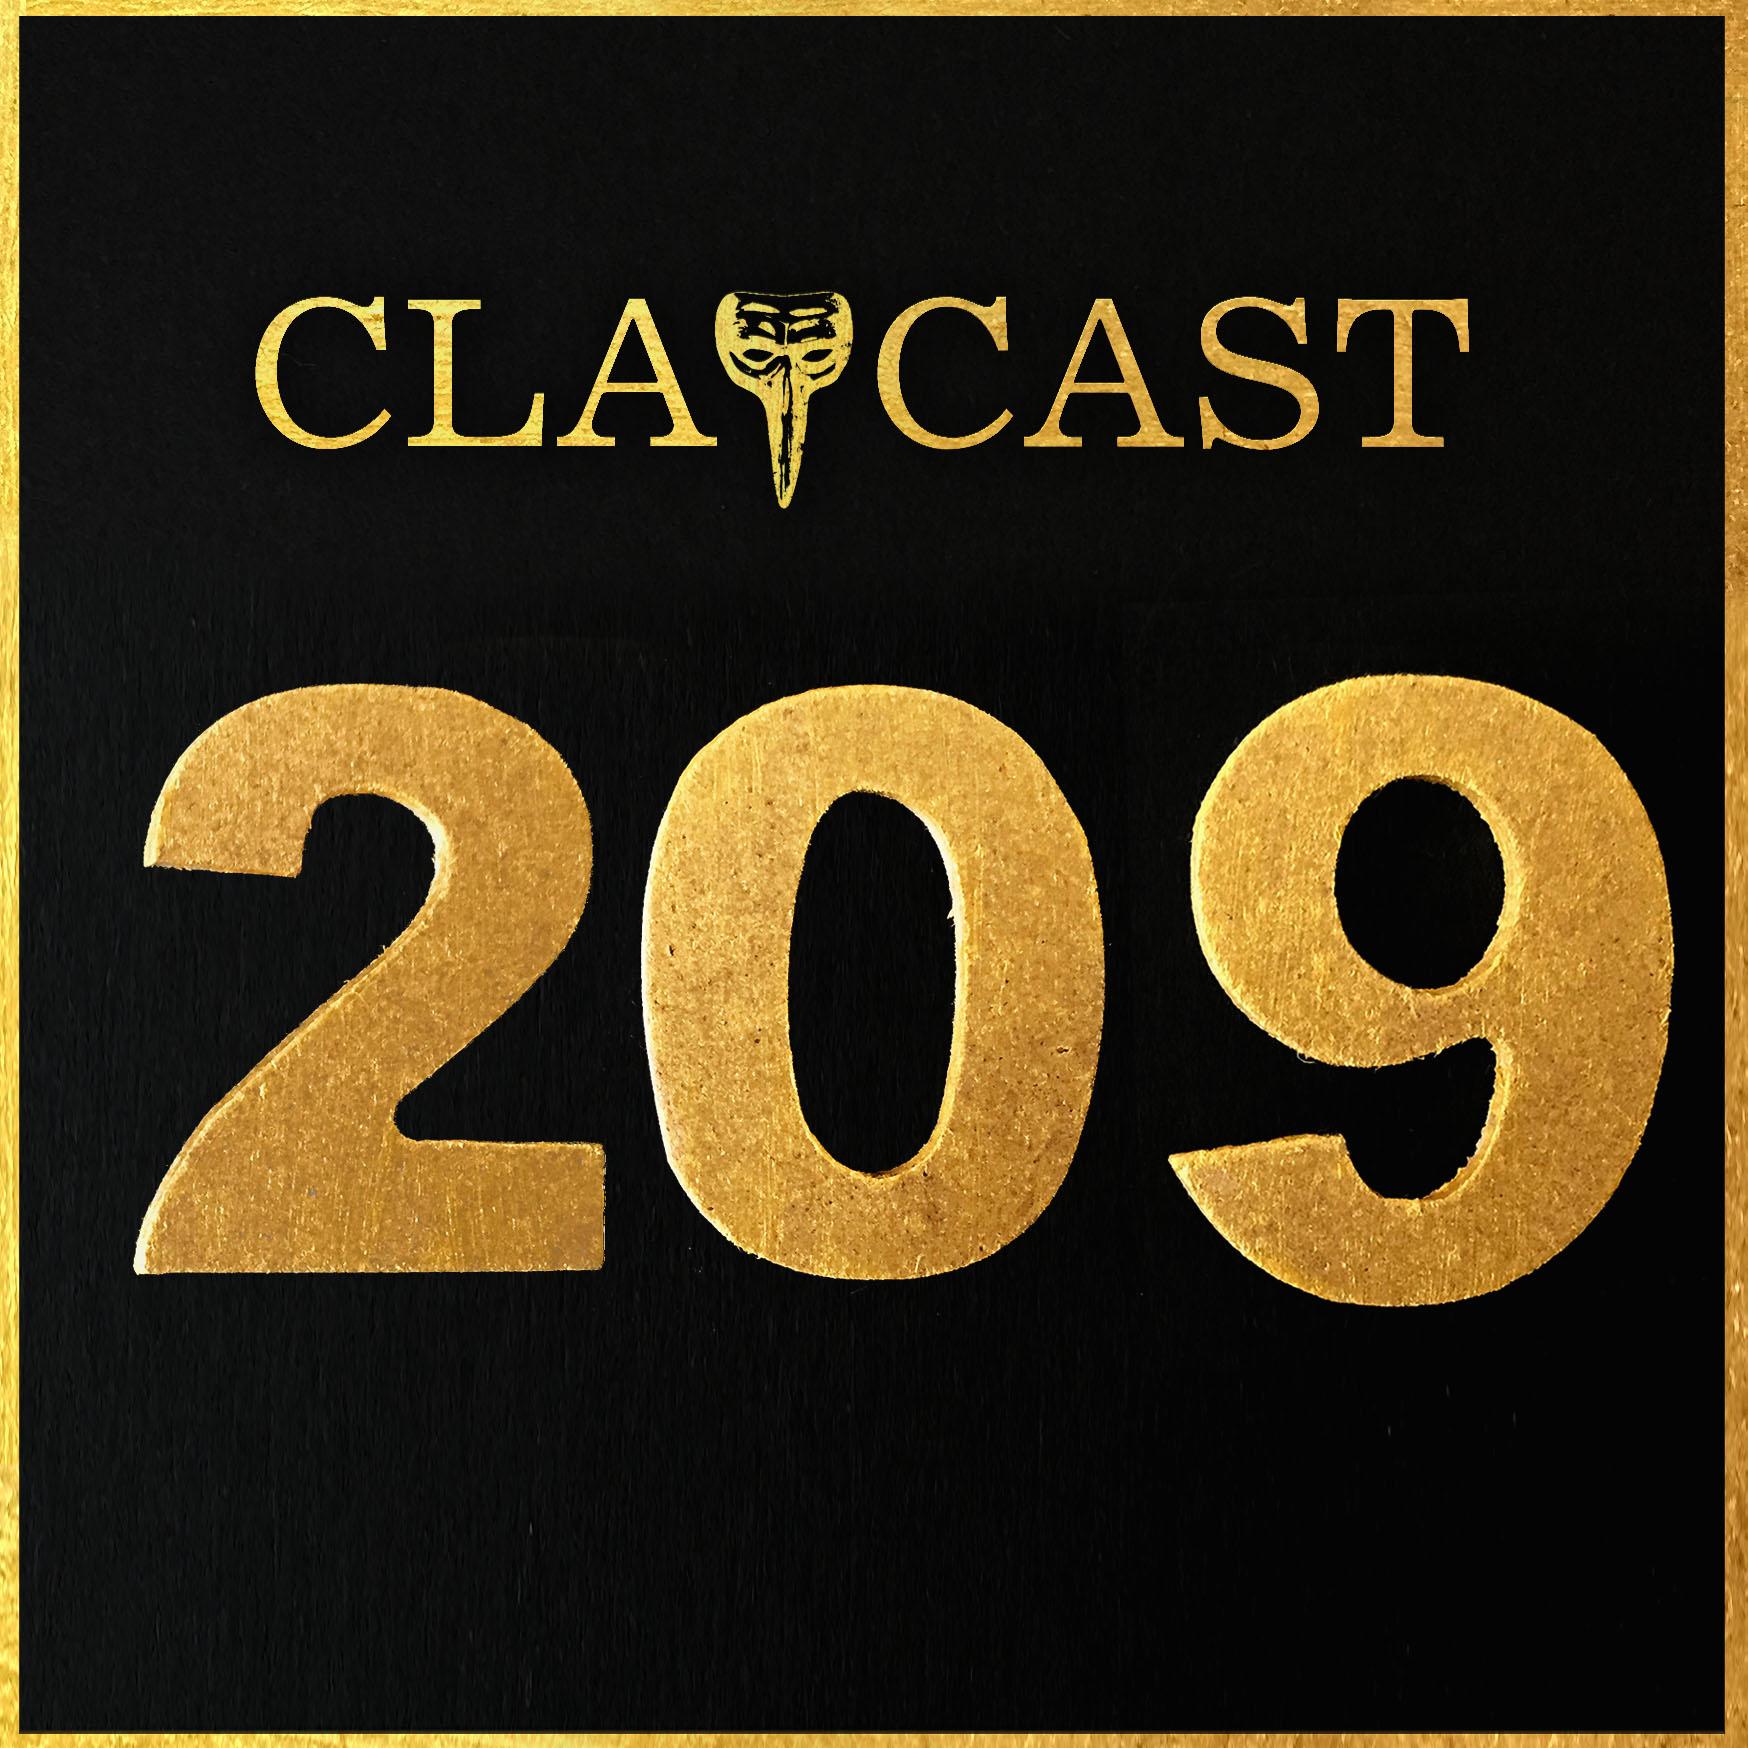 Clapcast 209